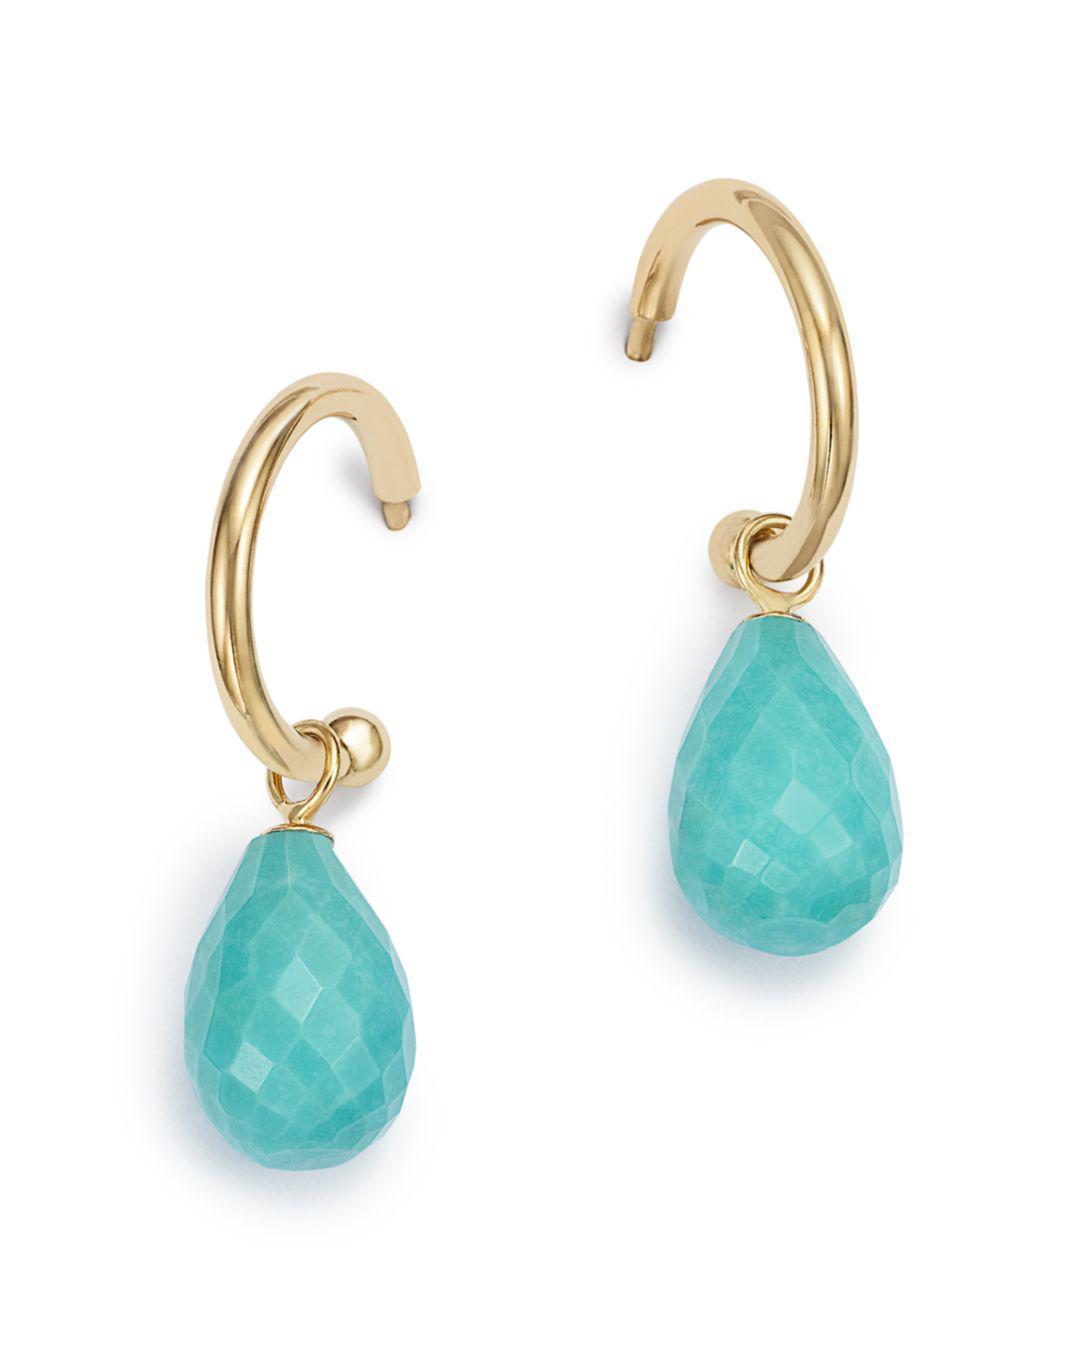 7884f17547f Bloomingdale s. Women s Blue Turquoise Briolette Hoop Drop Earrings In 14k  Yellow Gold